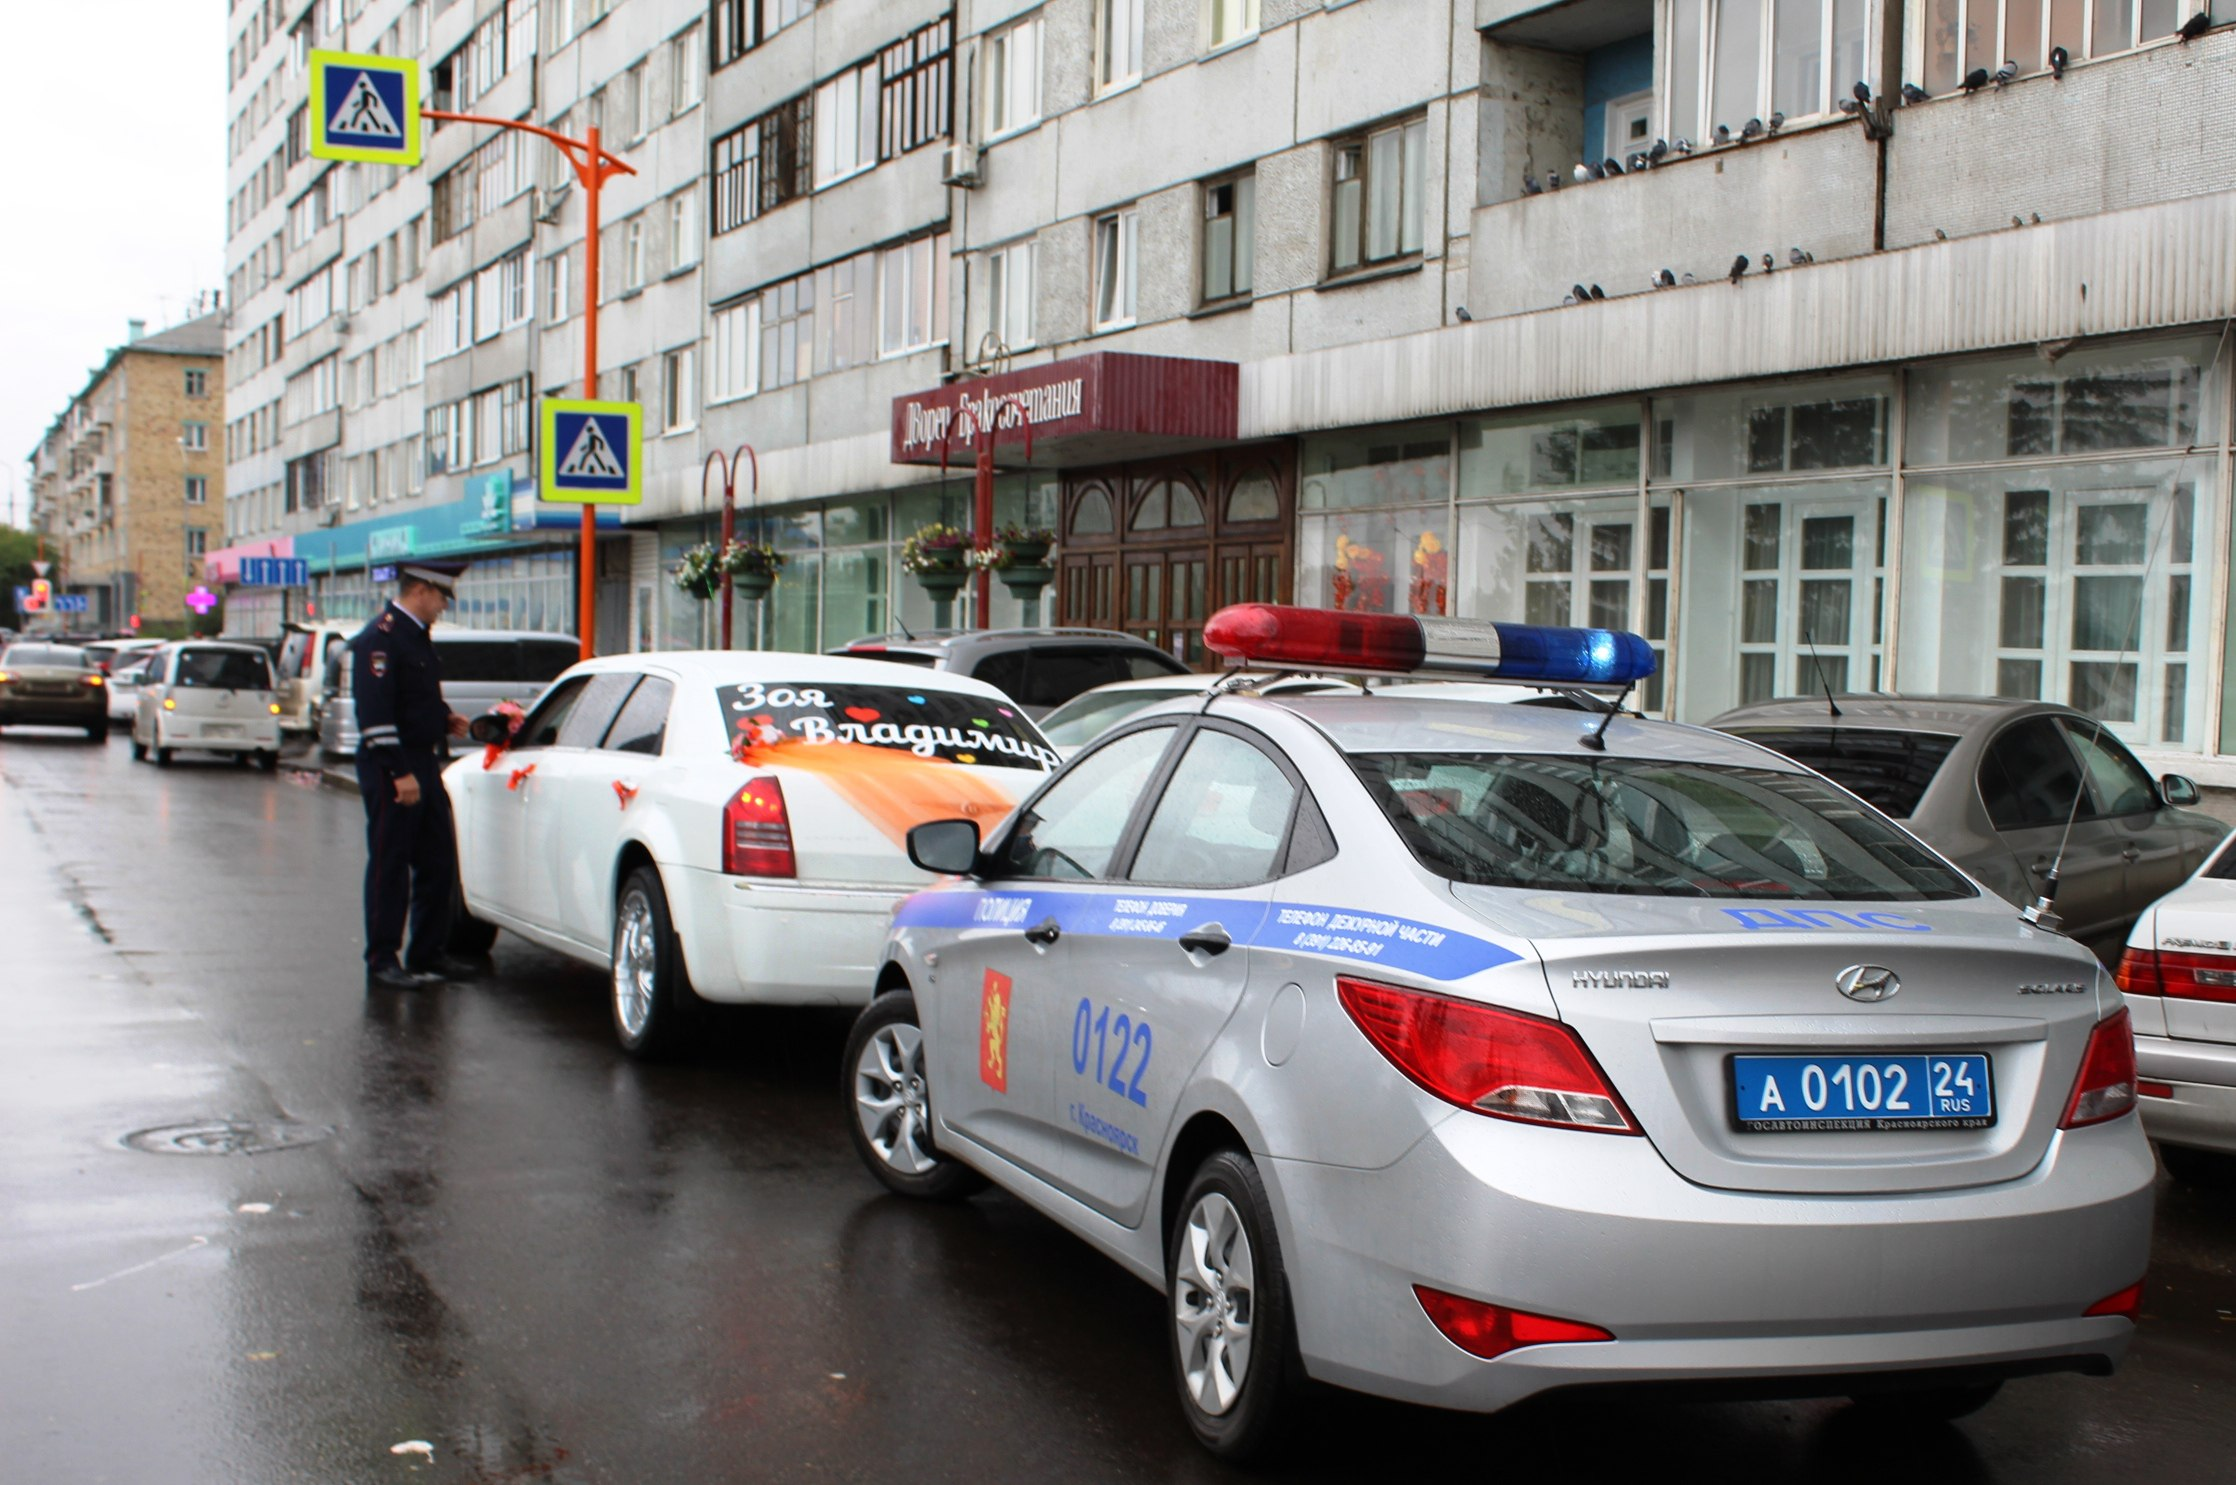 ВКрасноярске инспекторы посоветовали участникам свадебных кортежей ненарушать ПДД